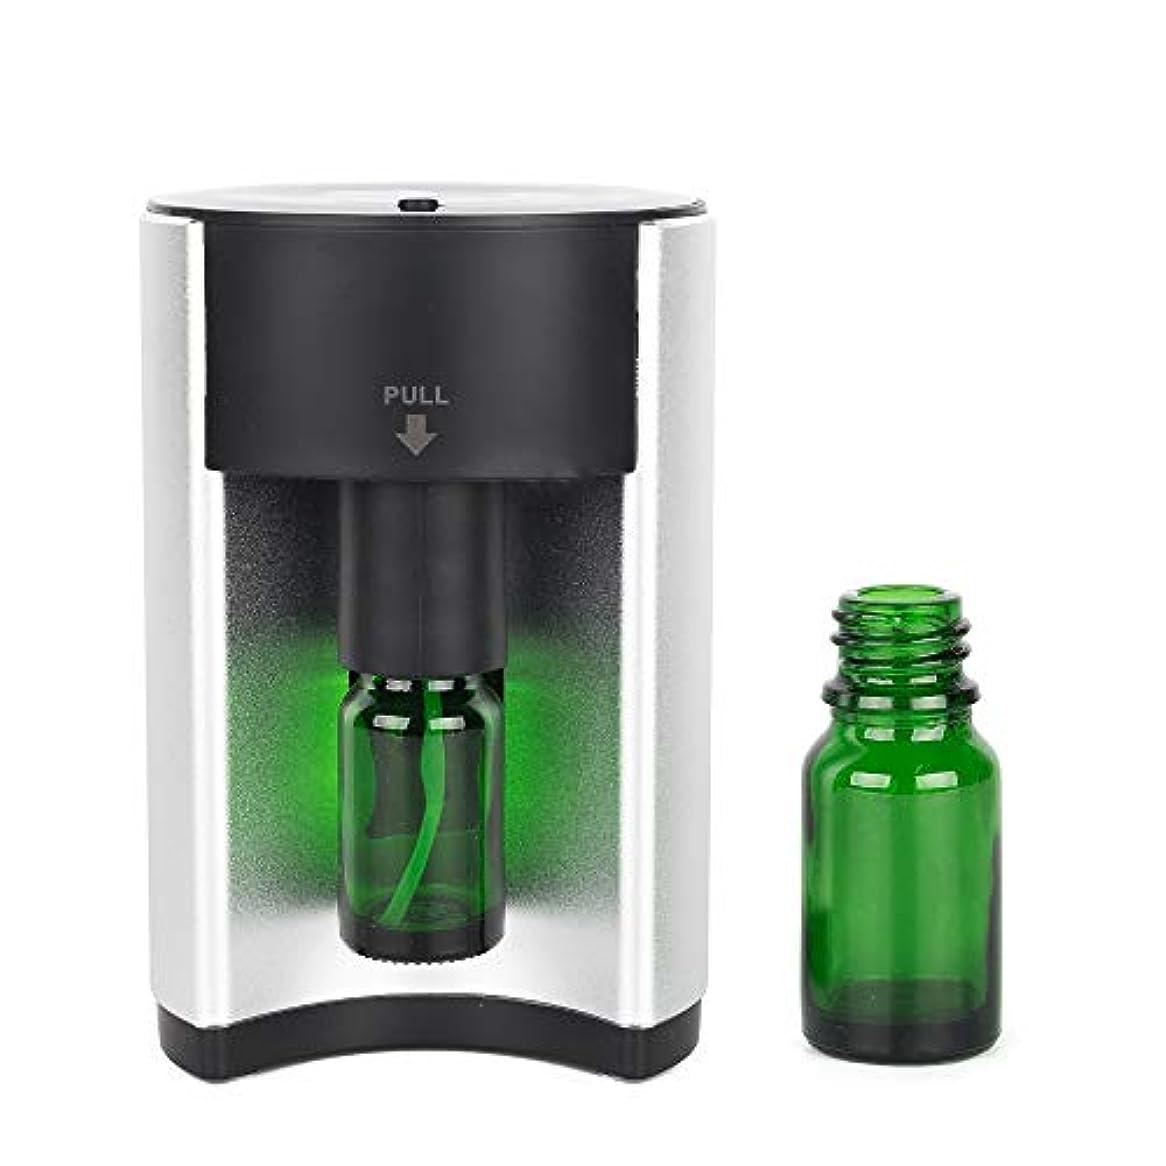 私たち自身ティーム仲良しアロマディフューザー アロマ 芳香器 (GT-SH-S1)アロマオイル ネブライザー式 アロマポット usb コンセント 小型 香り おしゃれ 可愛い シンプル 軽量 卓上 シンプル スマート 水を使わない オイル別売り